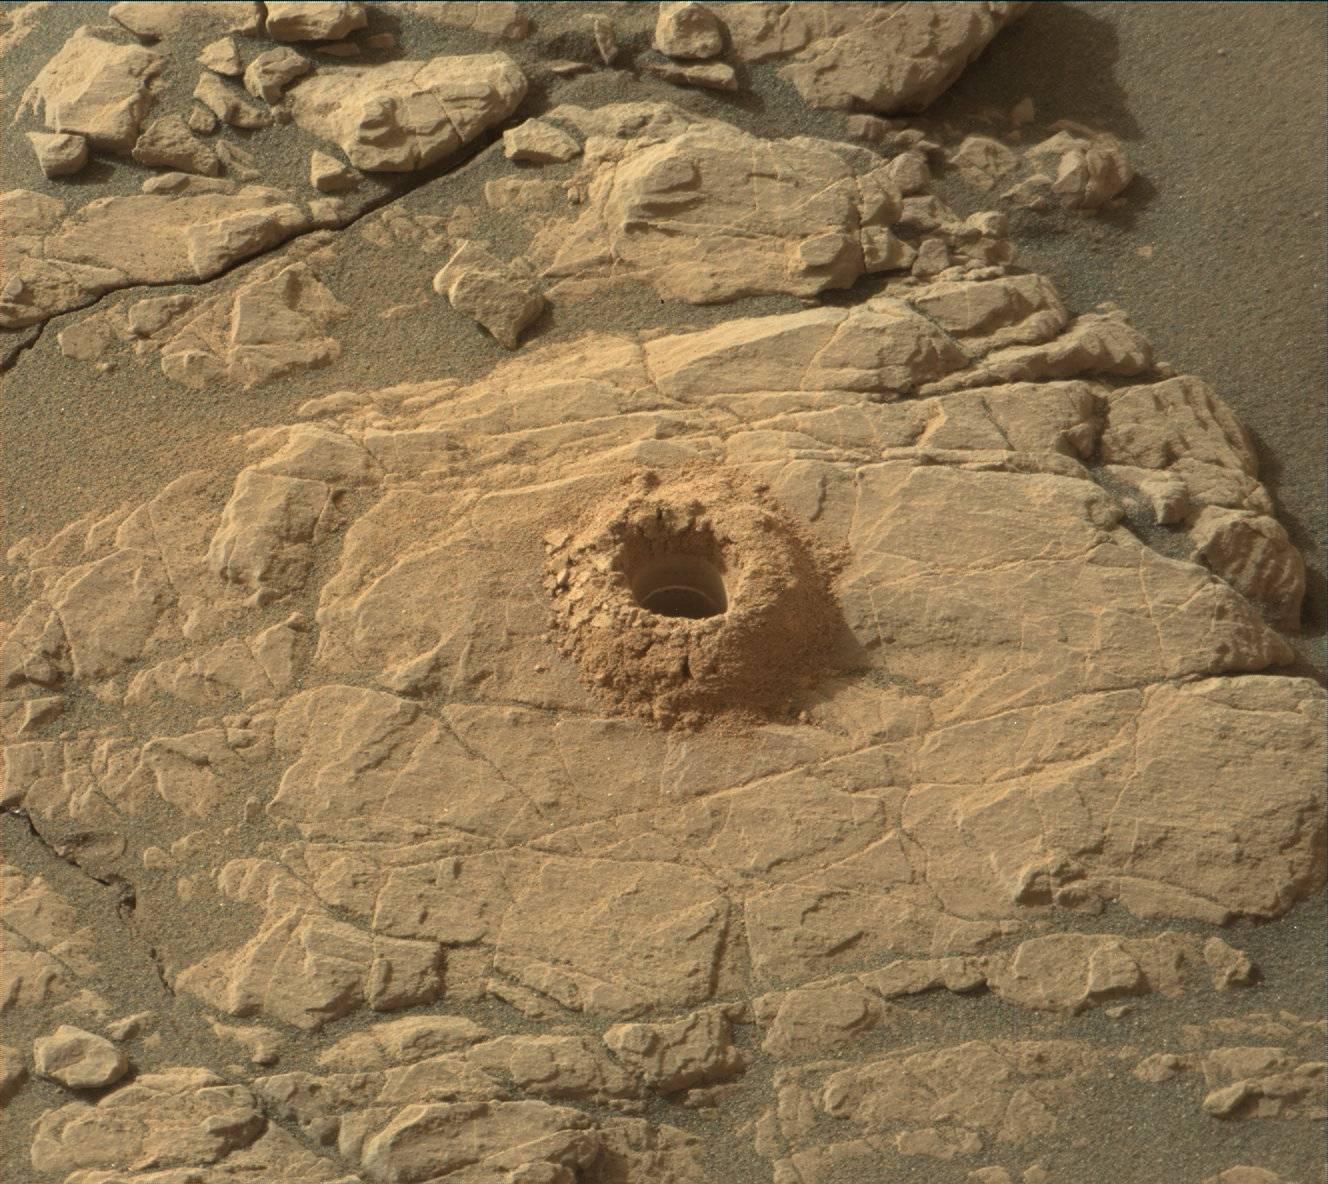 MARS: CURIOSITY u krateru  GALE Vol II. - Page 37 2375MR0126200011002052E01_DXXX